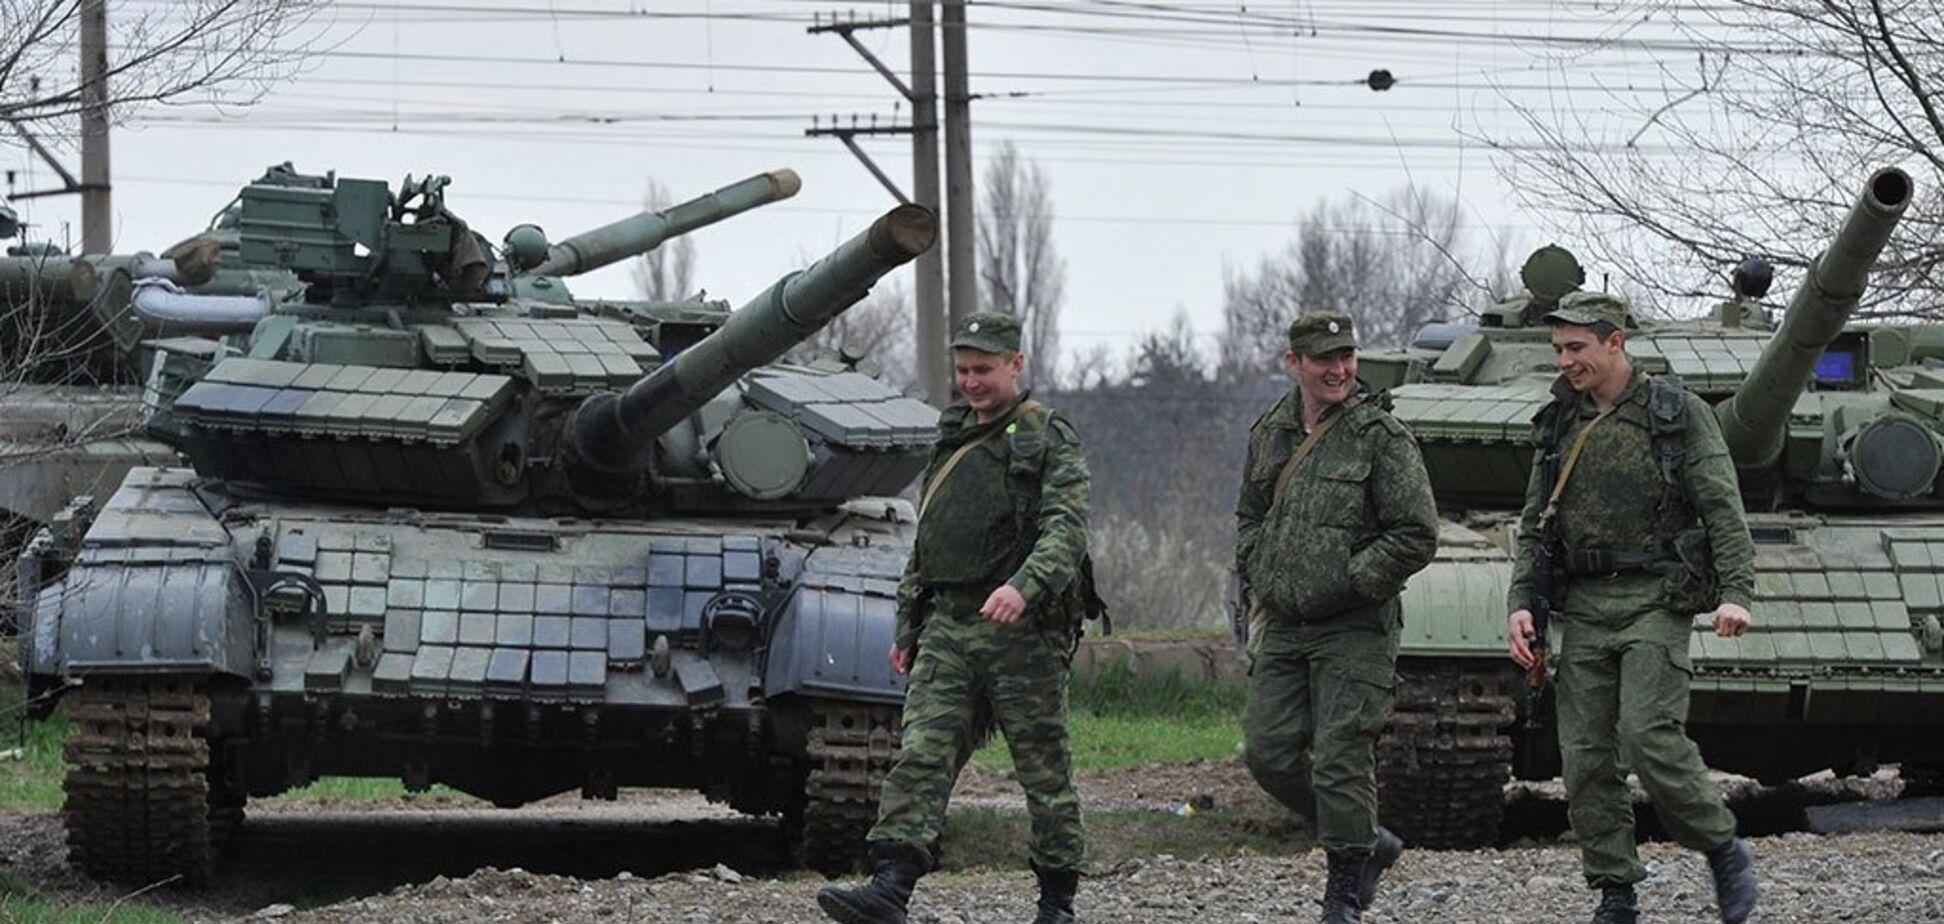 Россия стягивает много техники в Крым: что происходит